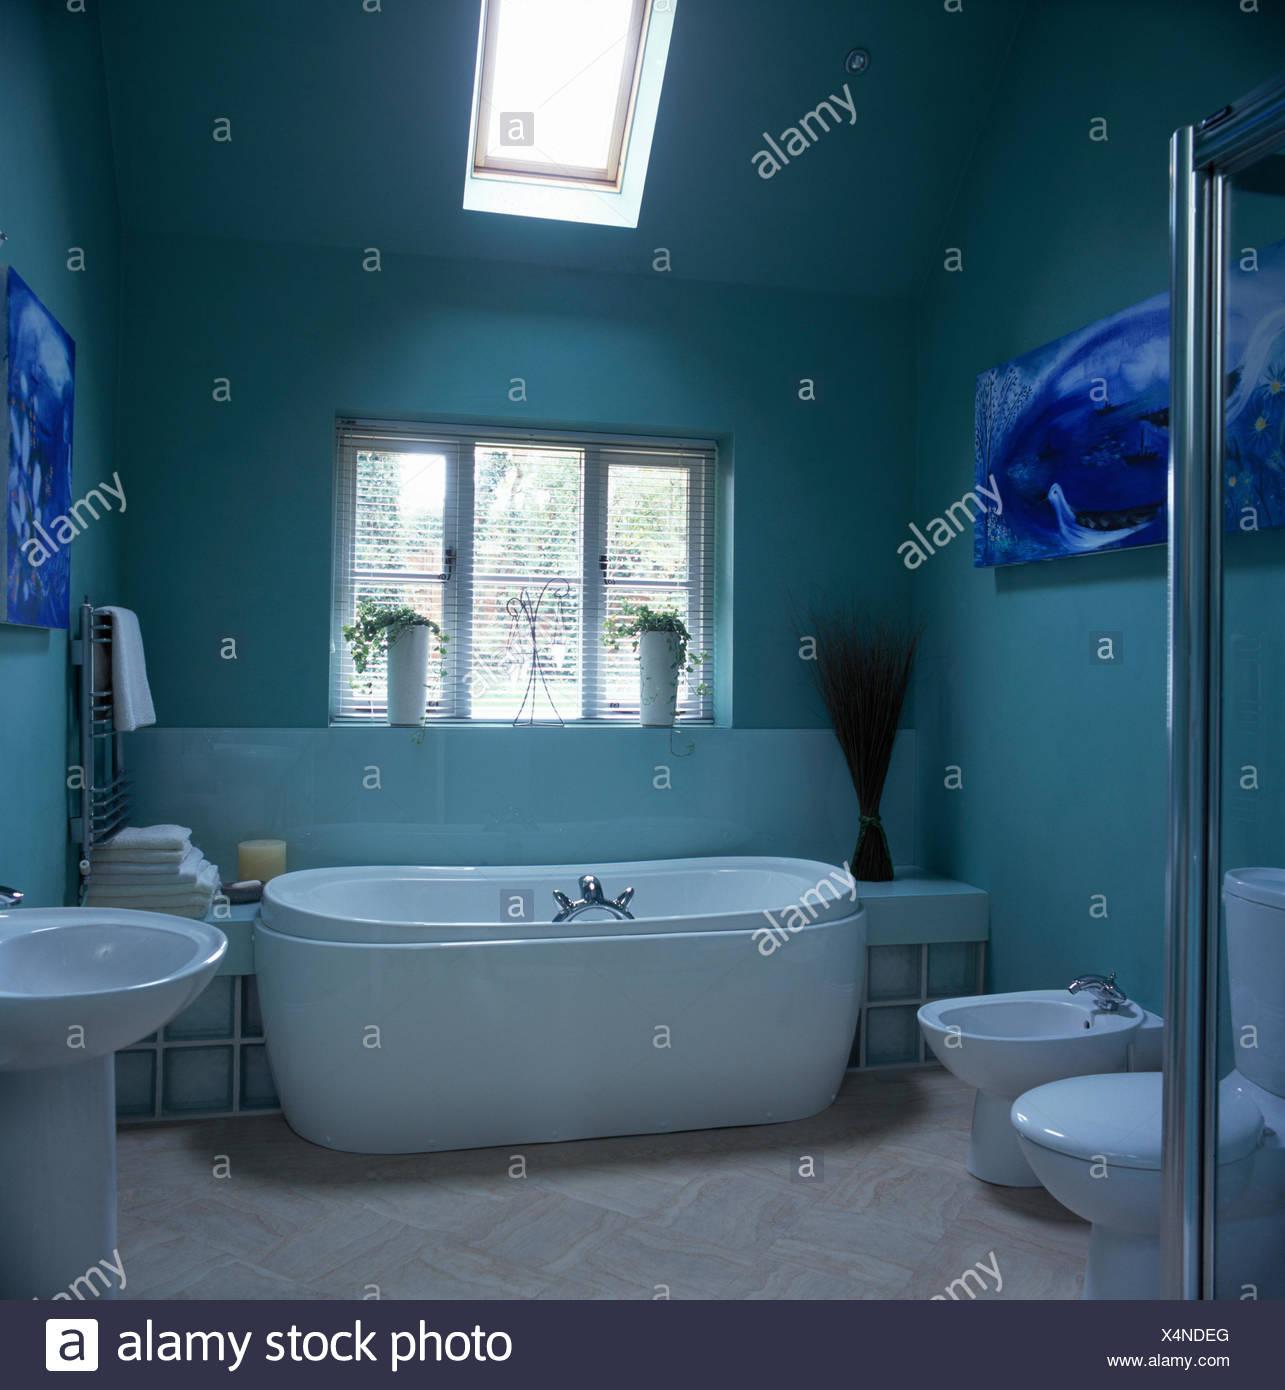 Freestanding bath in pale blue nineties bathroom Stock Photo ...